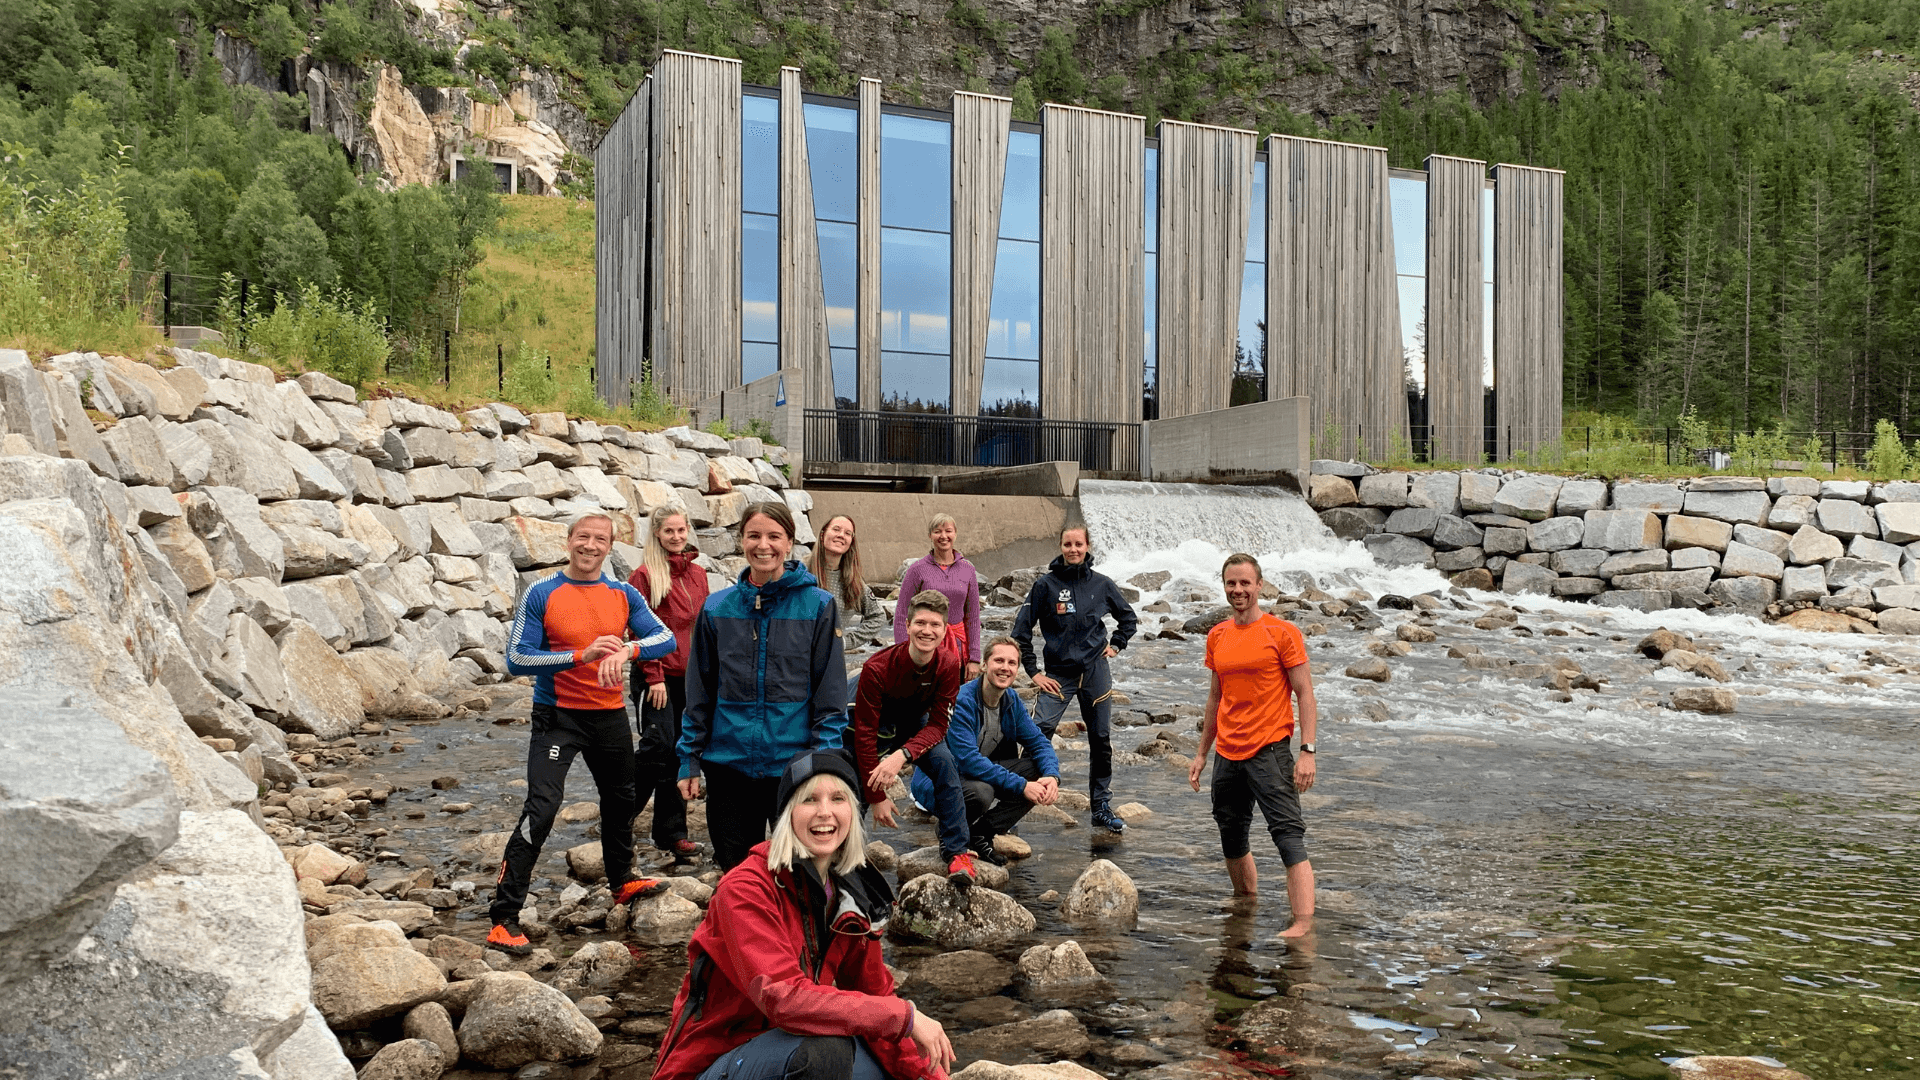 Blide folk foran verdens vakreste vannkraftverk; Øvre Forsland